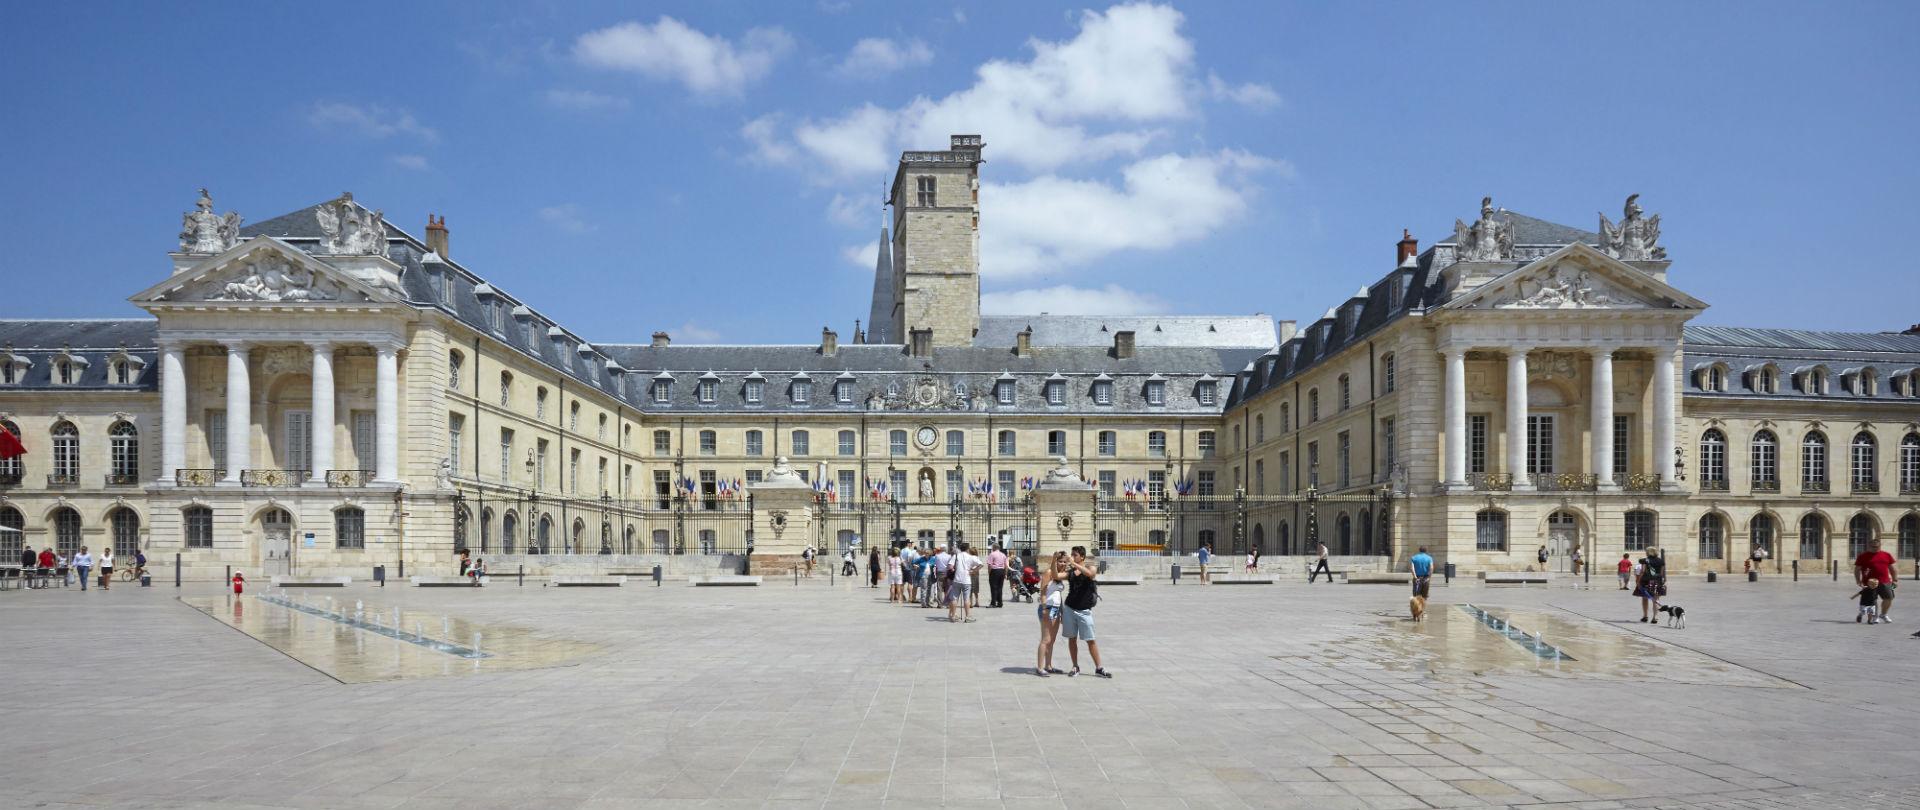 Une seconde jeunesse pour le musée des beaux-arts de Dijon